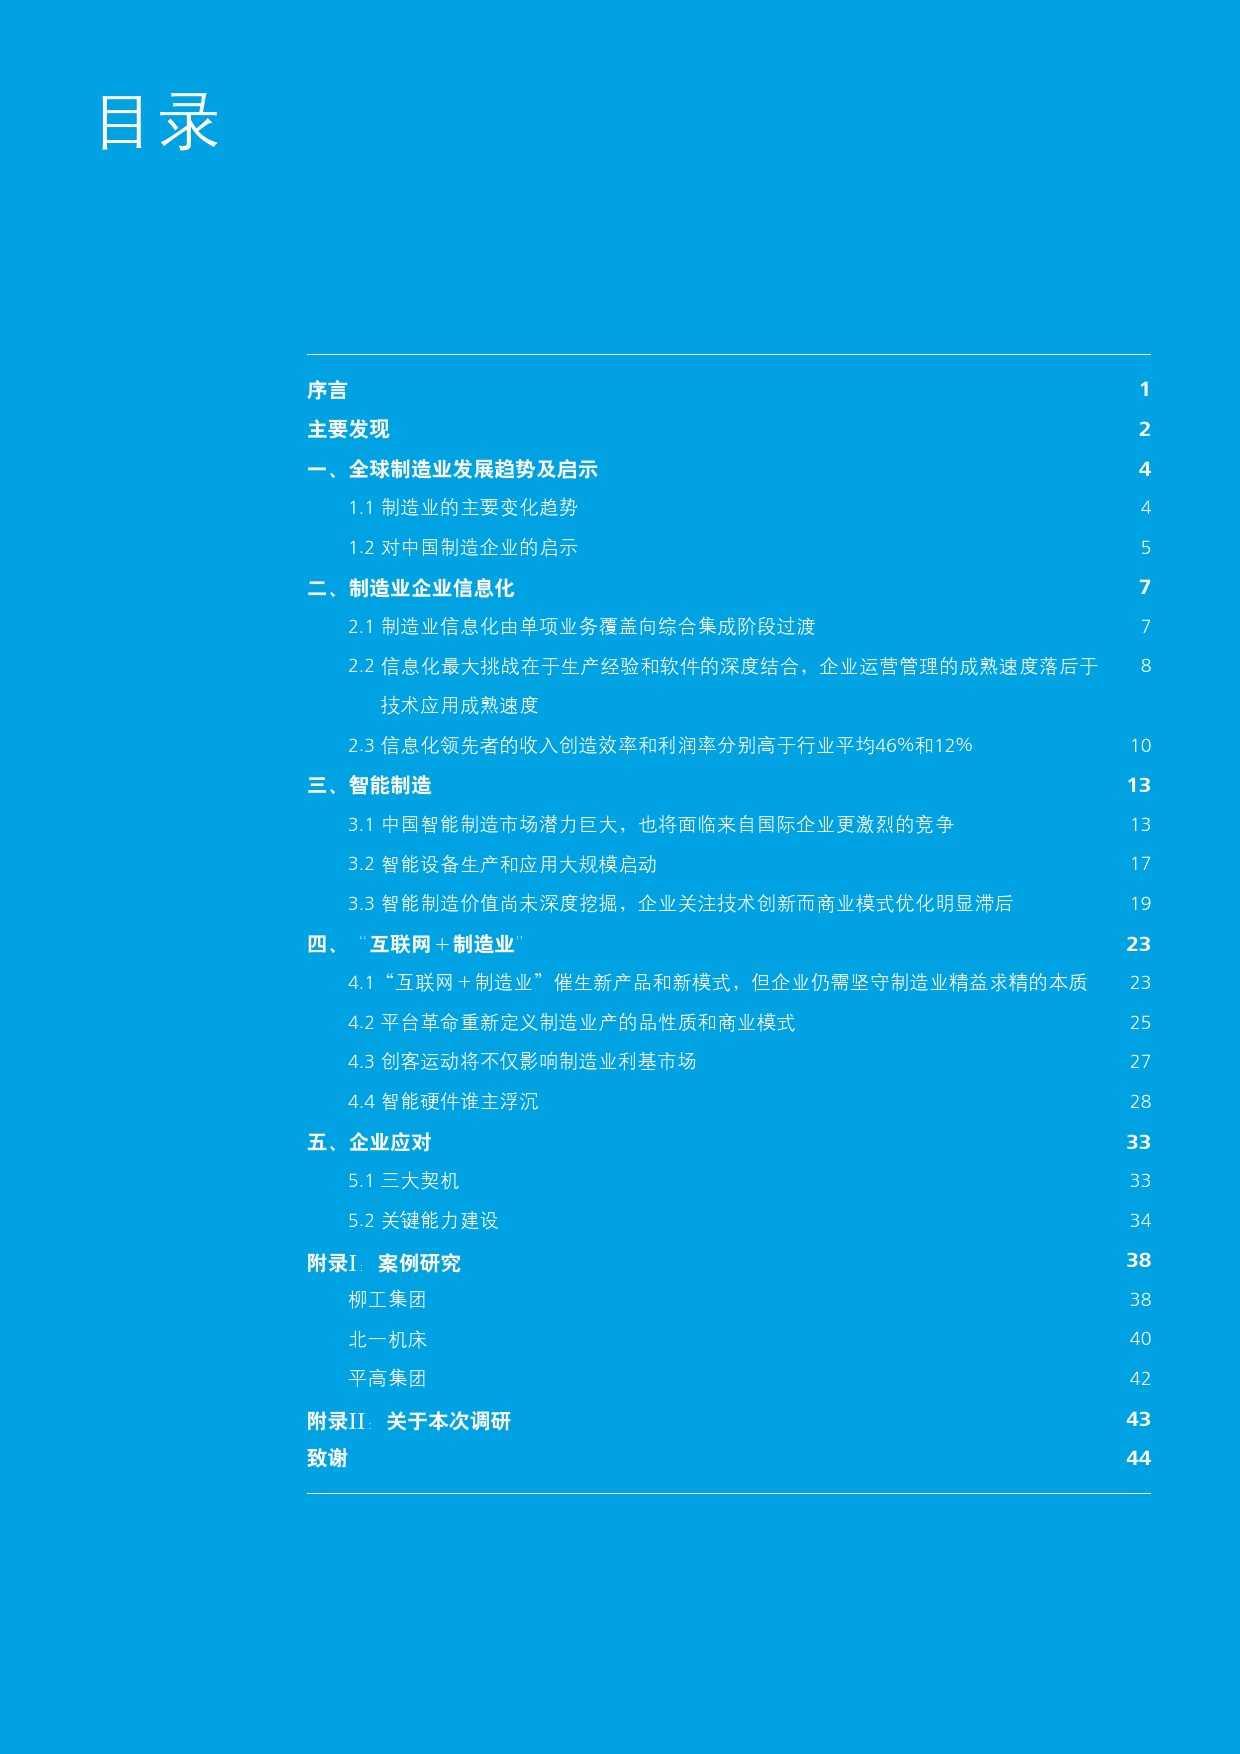 2015年中国制造业企业信息化调查_000002